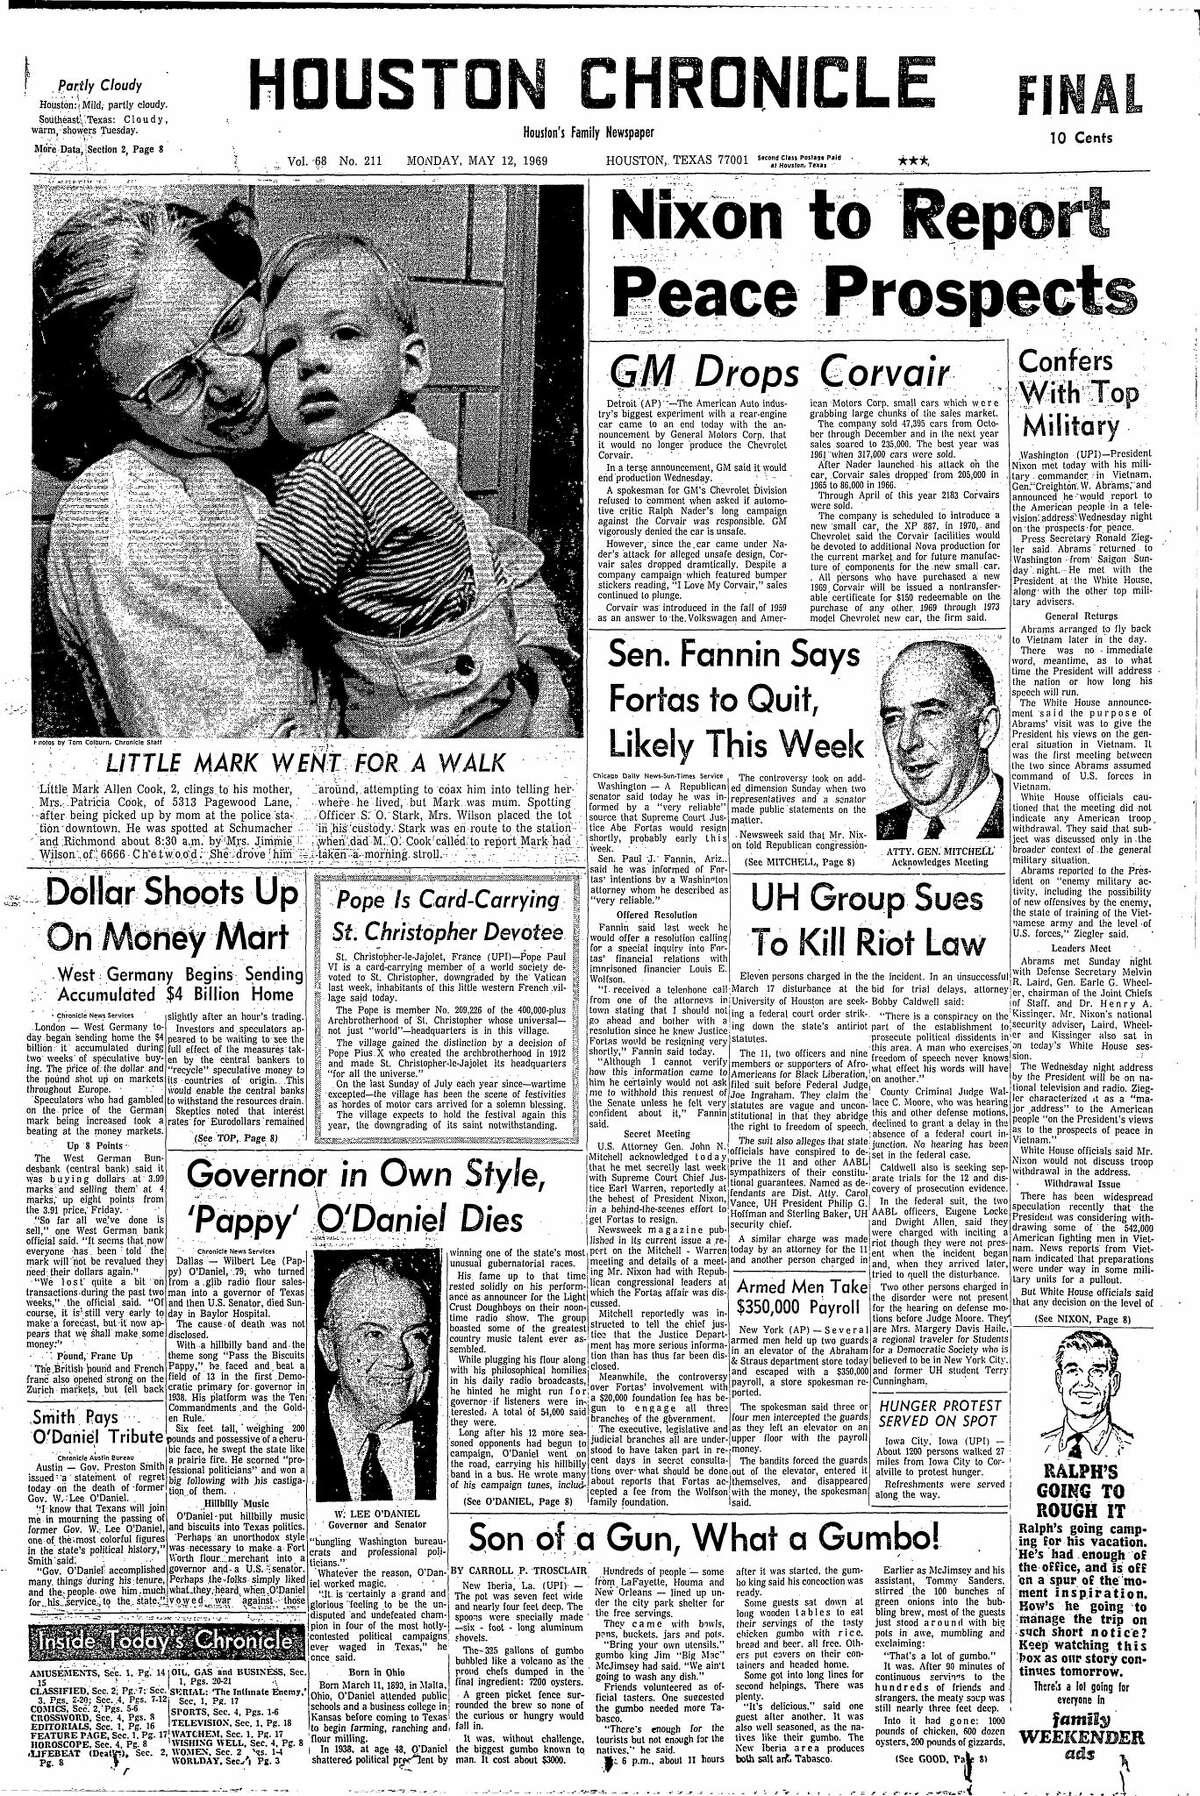 May 12, 1969